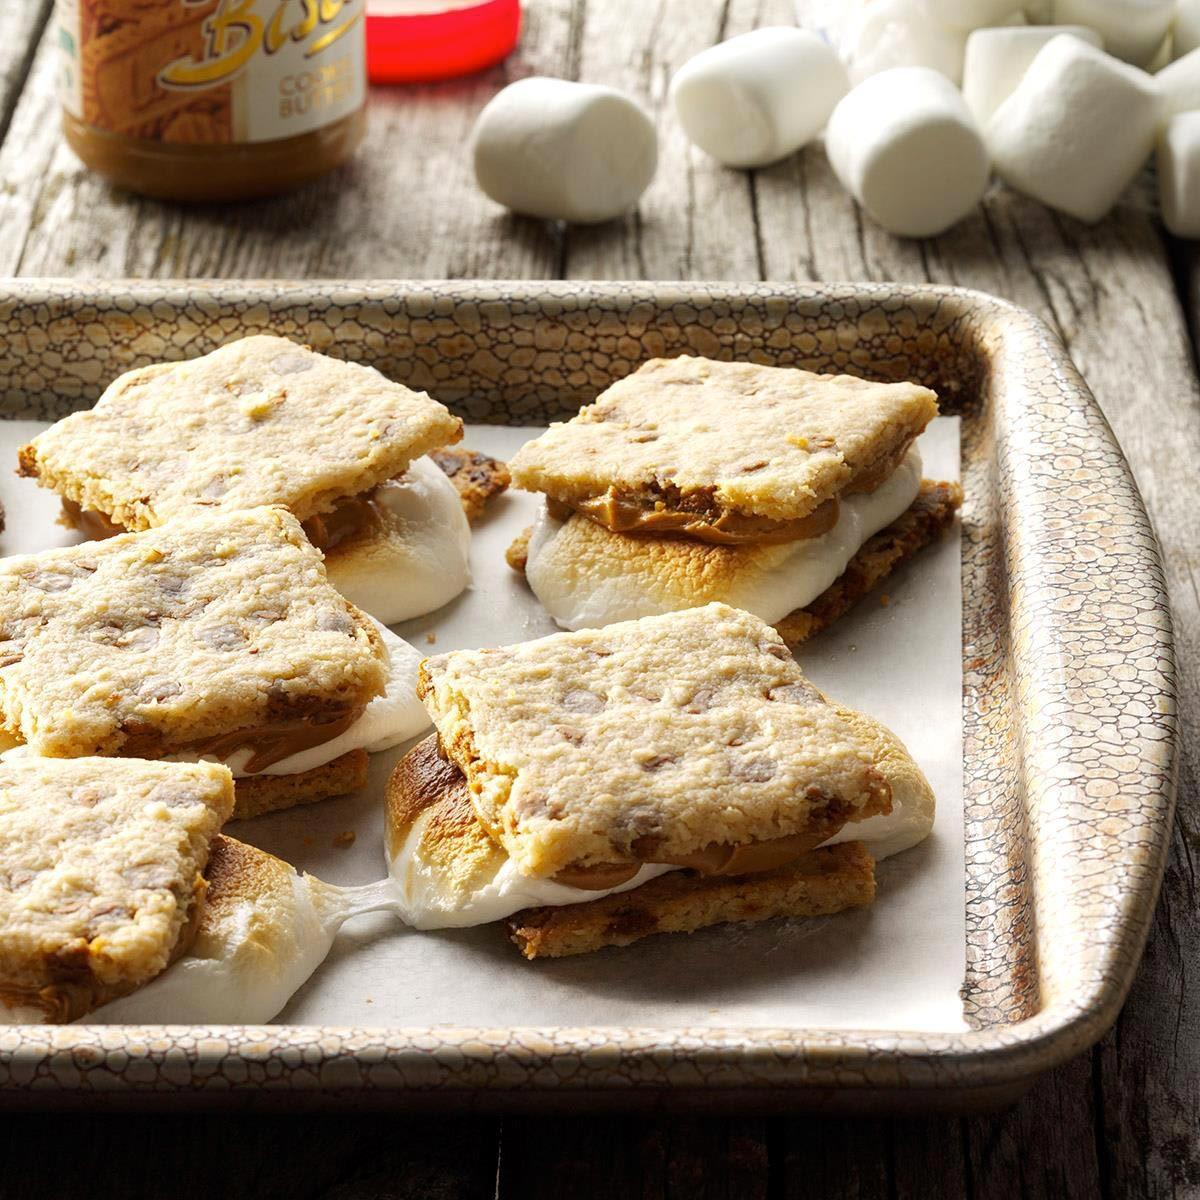 Trucs culinaires : un comptoir impeccable grâce à une plaque à biscuits.